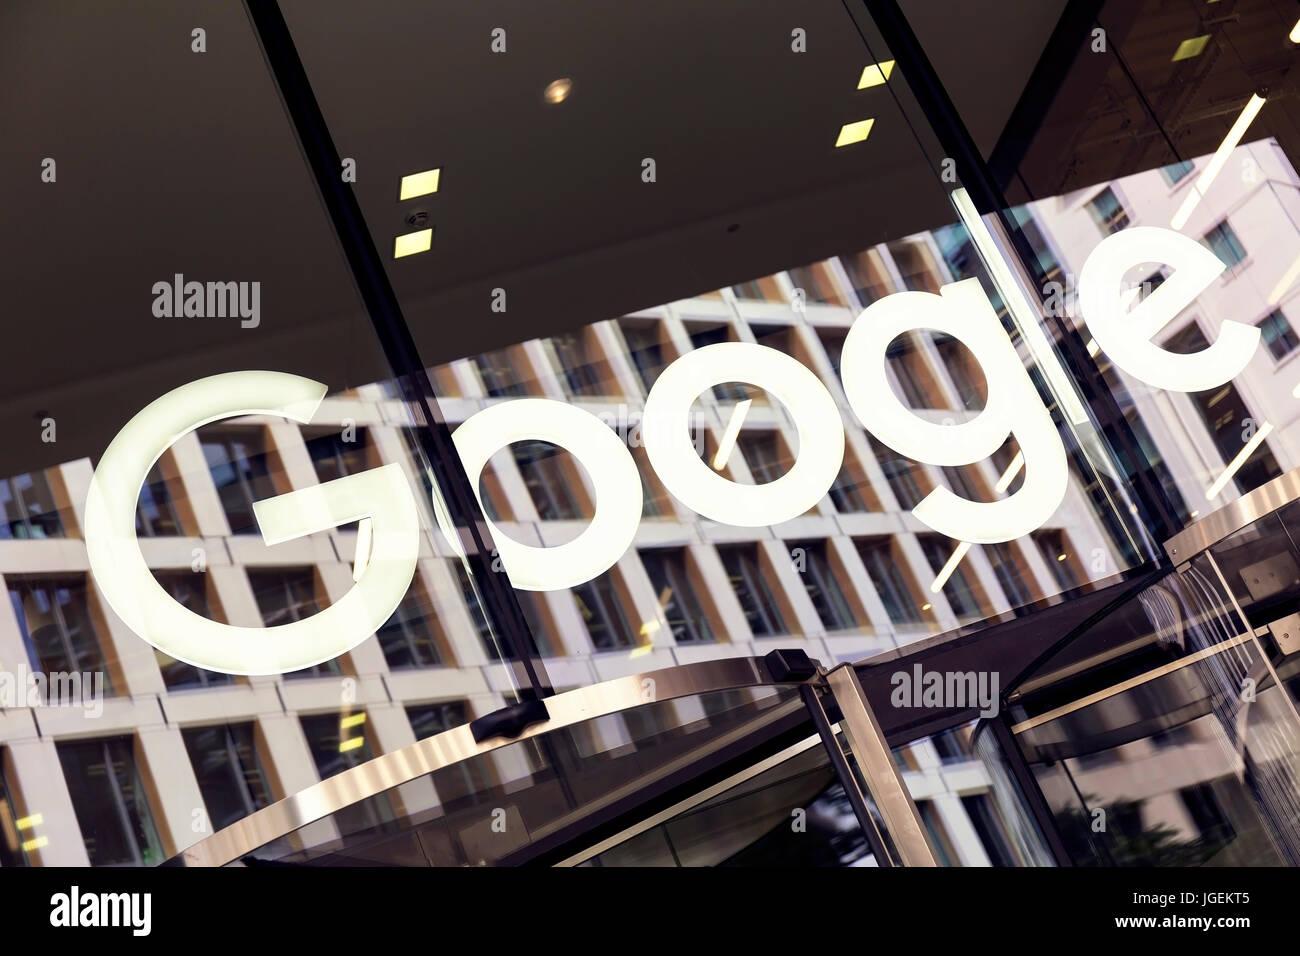 Vista ravvicinata del marchio di Google Nome sopra la porta di ingresso della sede di Londra Kings Cross Immagini Stock